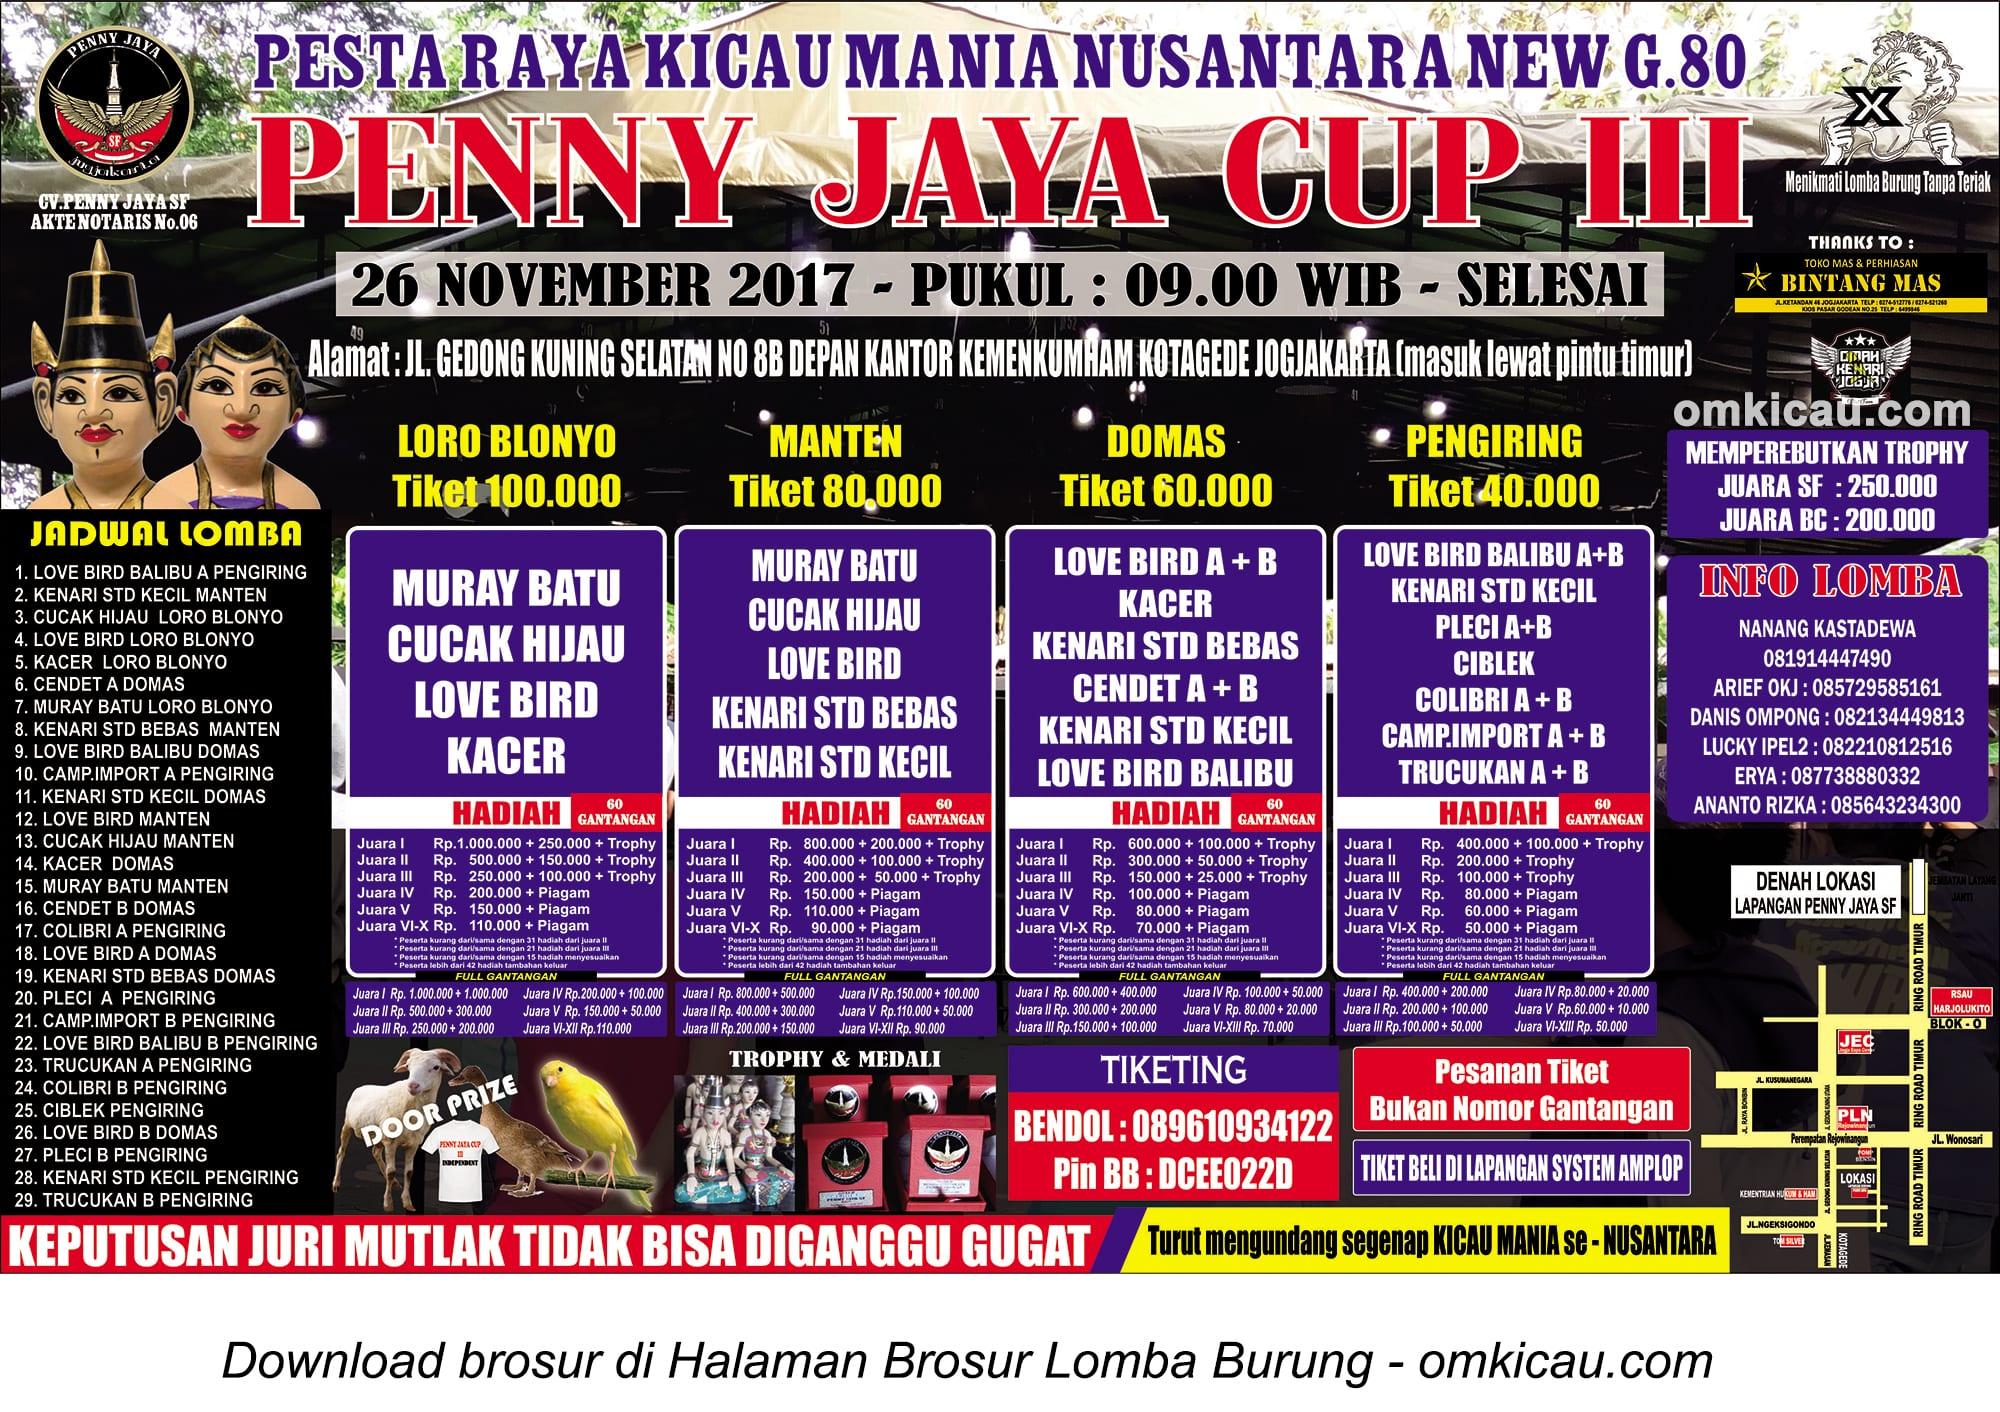 Road to Penny Jaya Cup III, Jogja